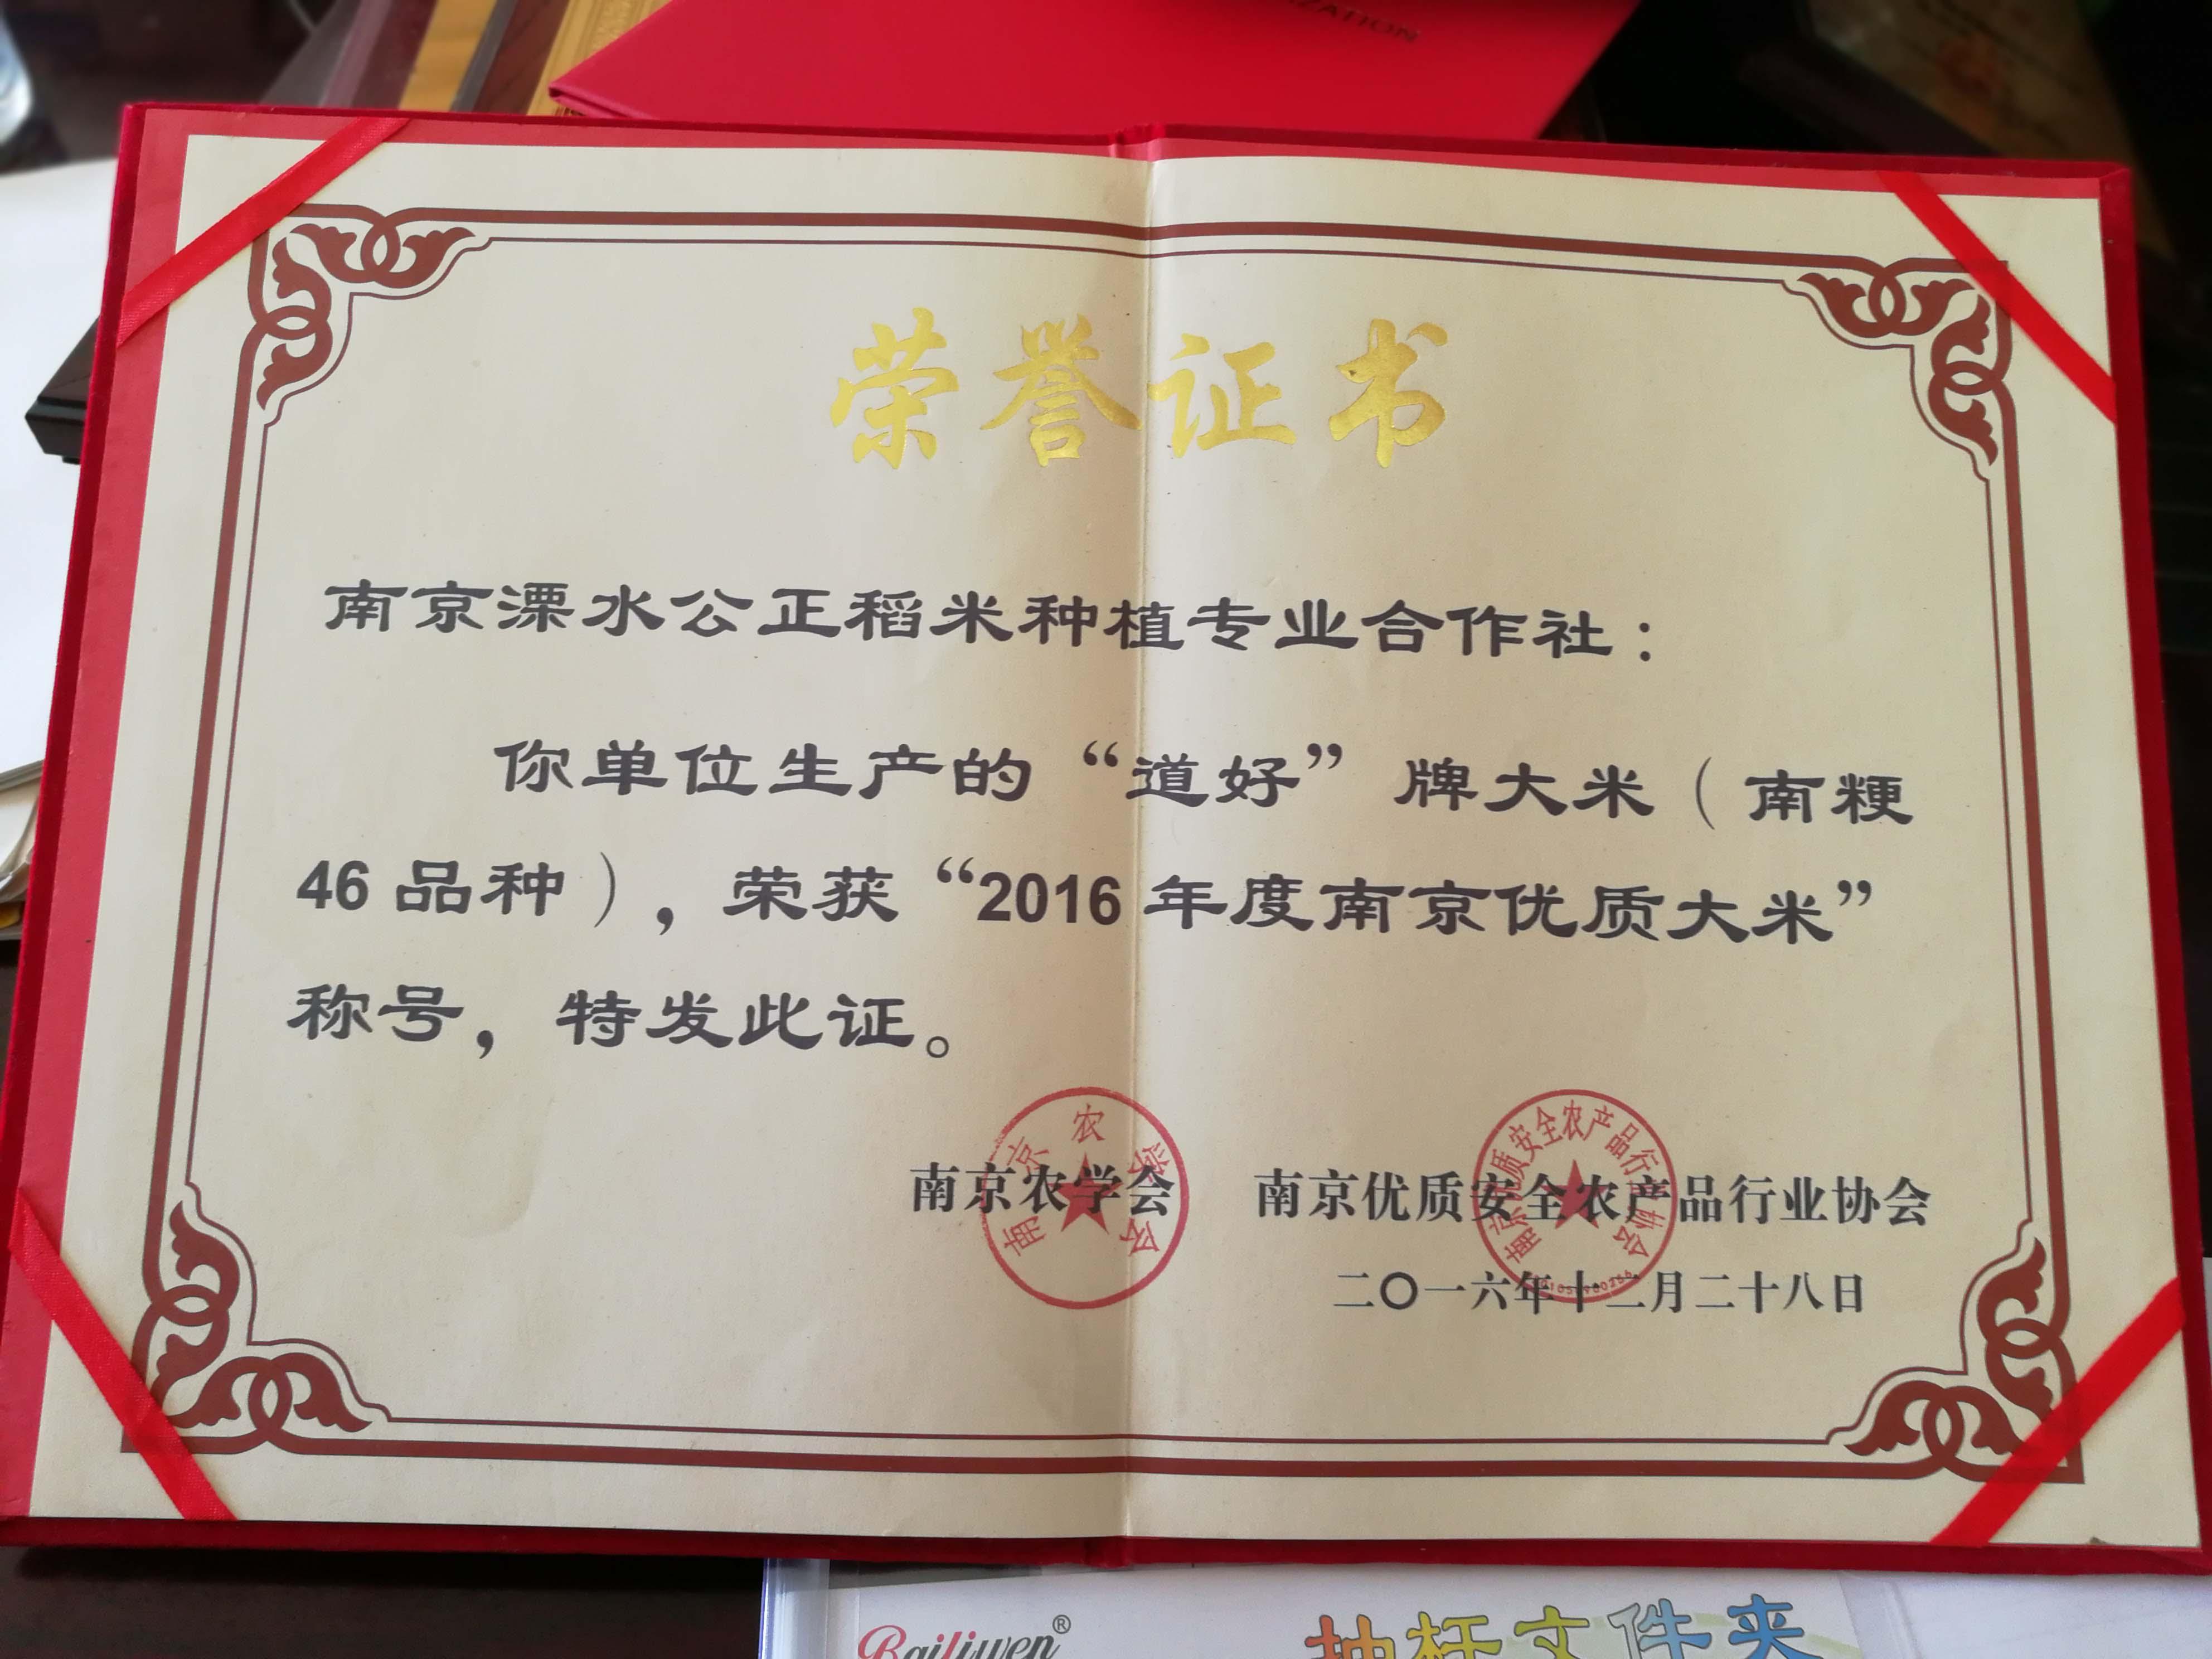 2016年度南京优质大米